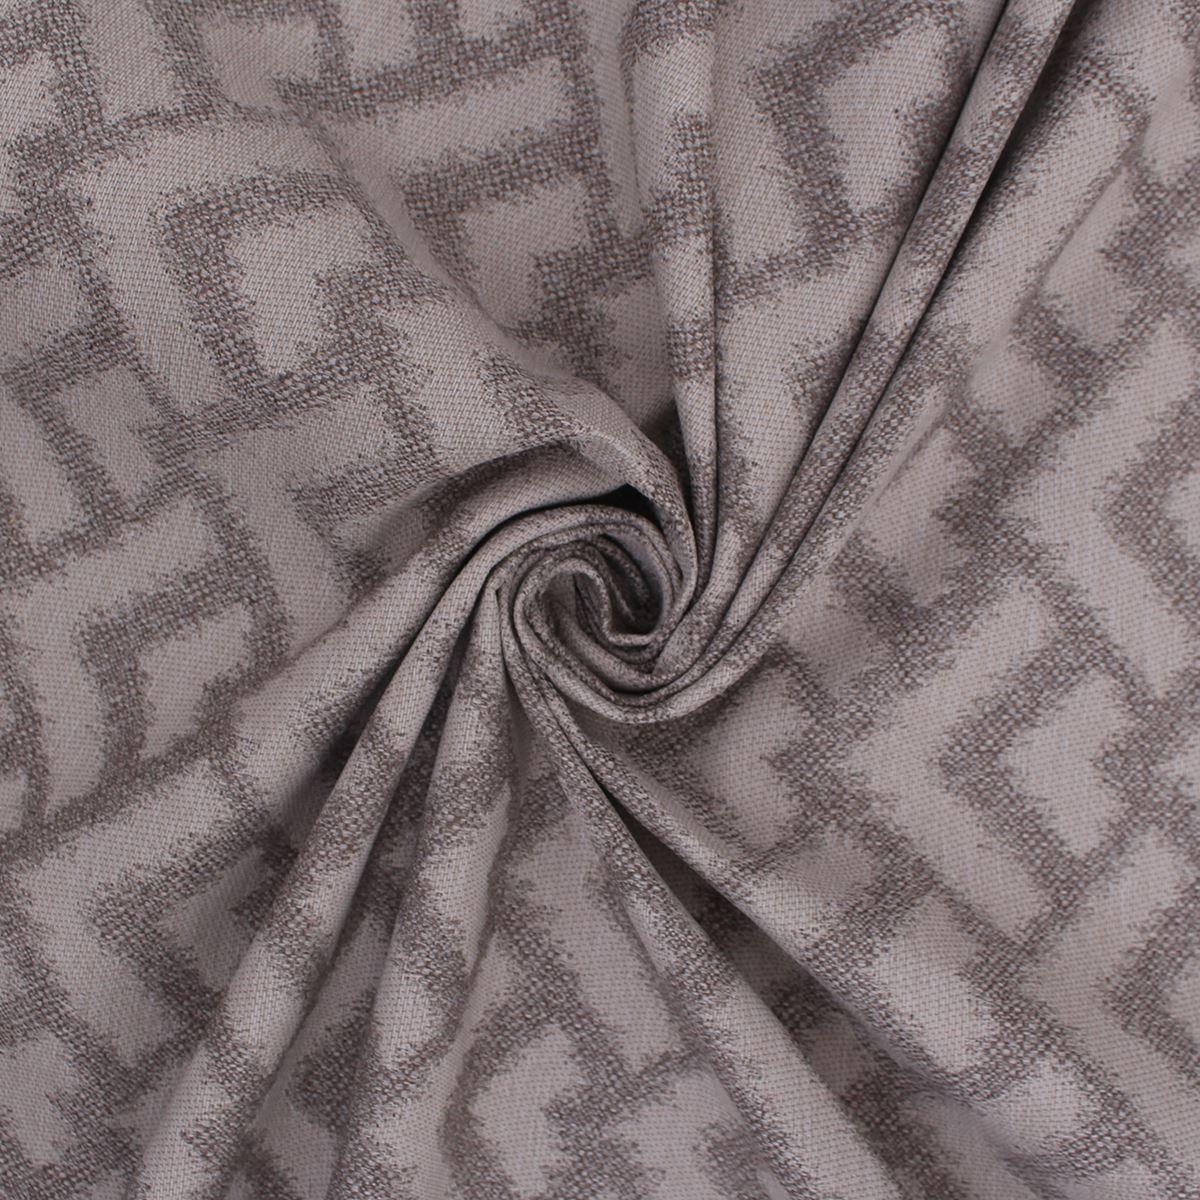 Cordoba Ardoise Naturelle échelles géométriques boudiné vieilli ameublement tissu